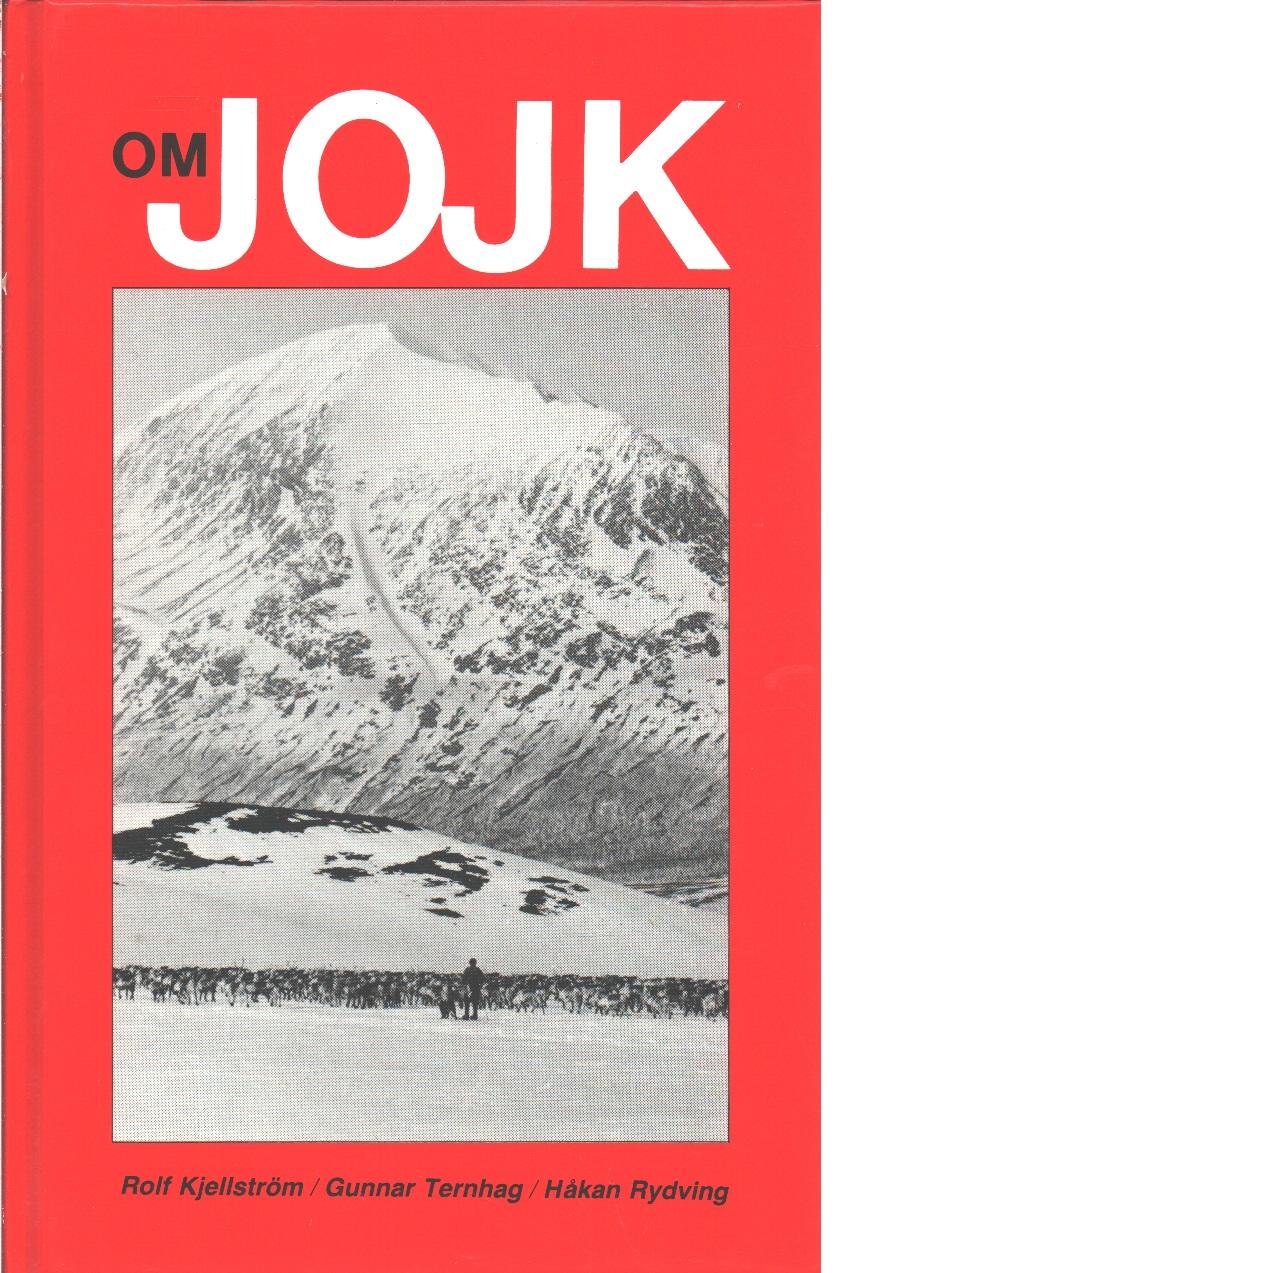 Om jojk  - Kjellström, Rolf och Ternhag, Gunnar samt  Rydving, Håkan